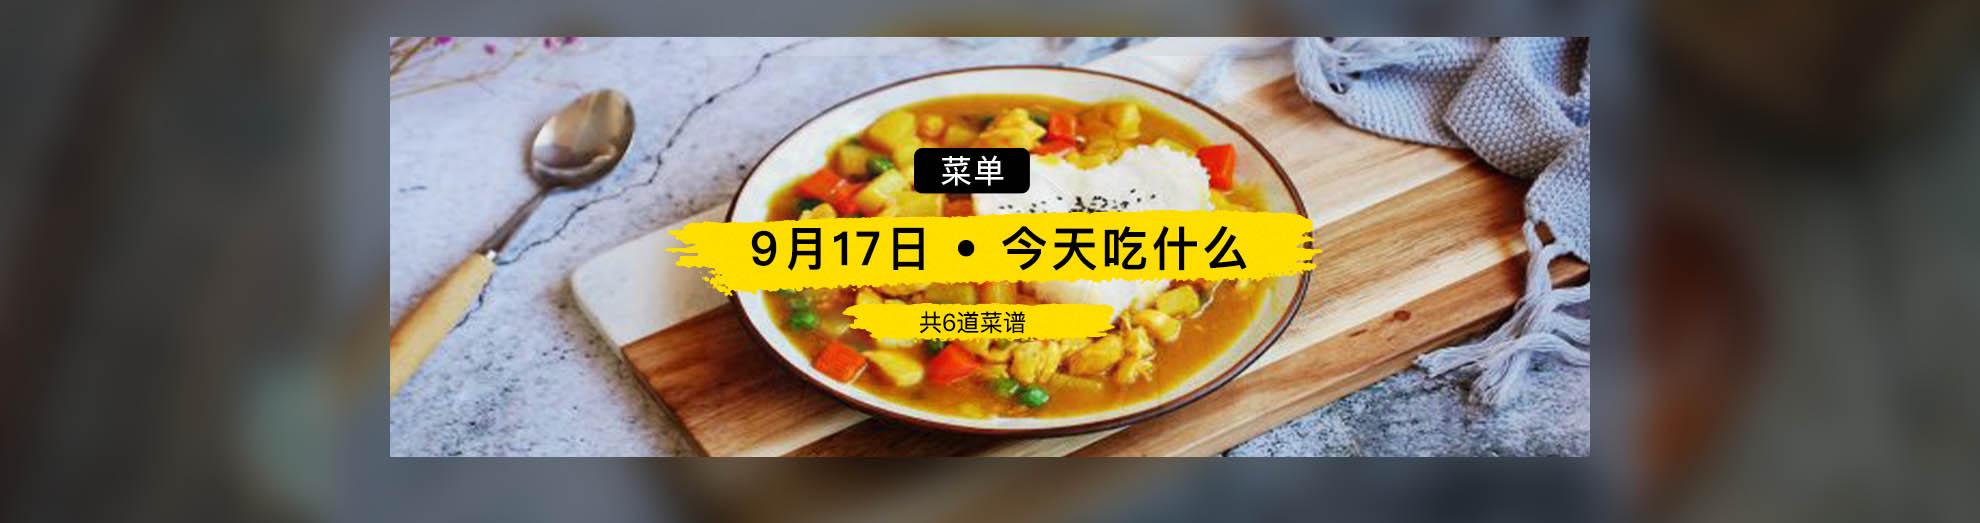 9月17日 • 今天吃什么}